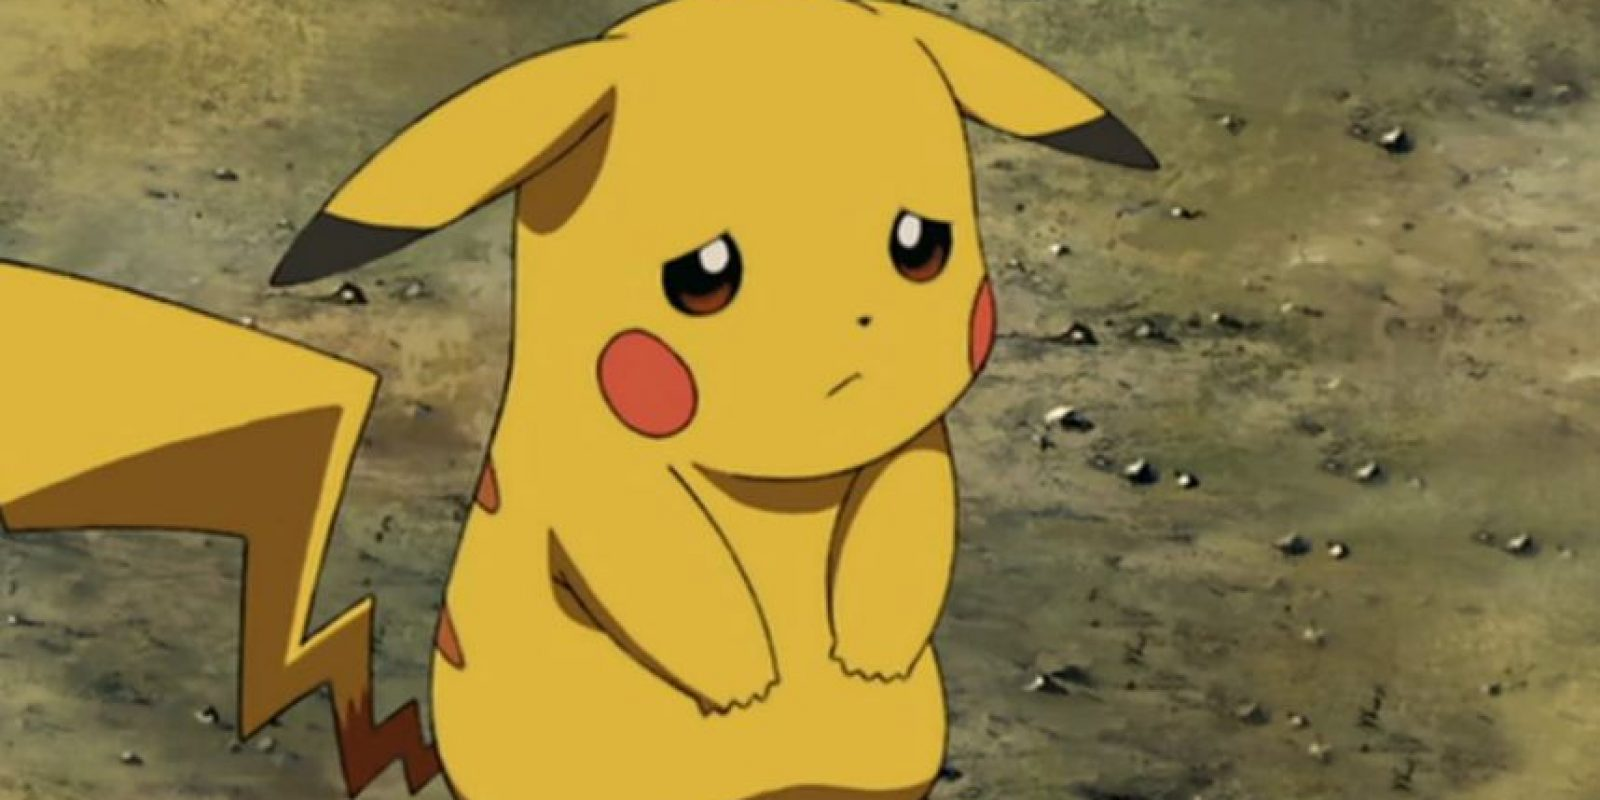 Los usuarios llevan días molestos con Niantic. Foto:Pokémon. Imagen Por: